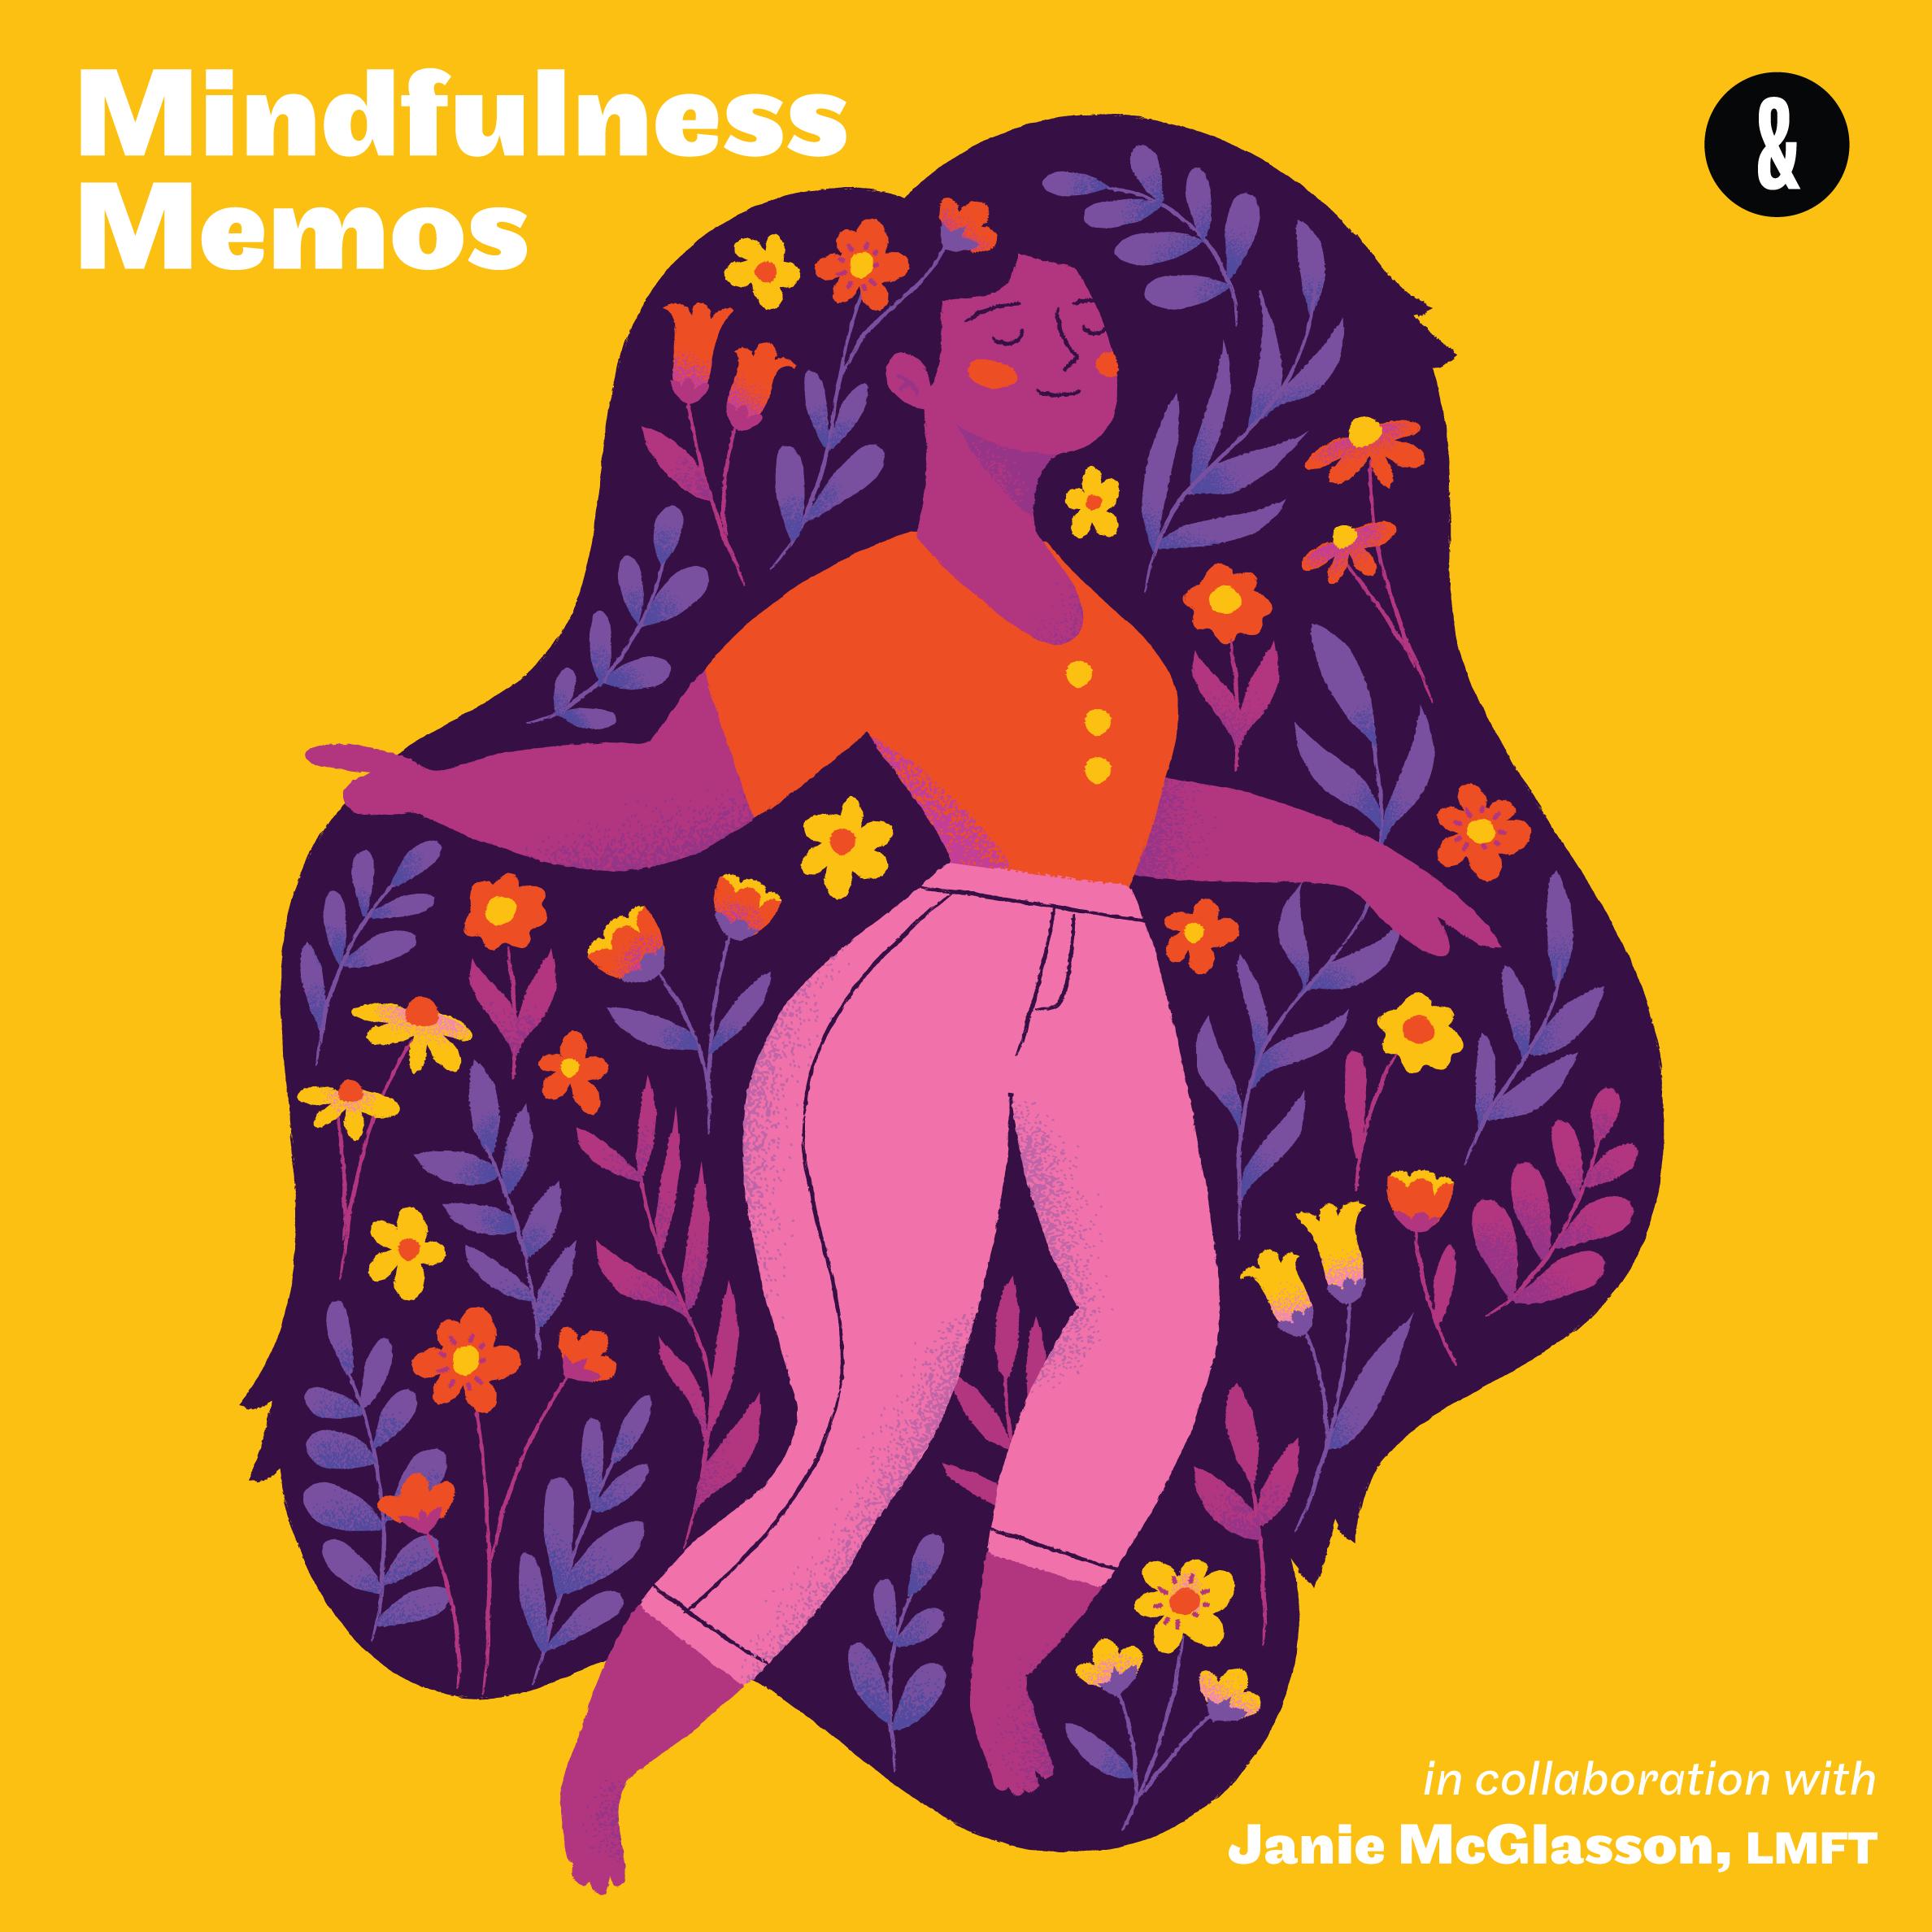 Mindfulness-Memos-Square-2